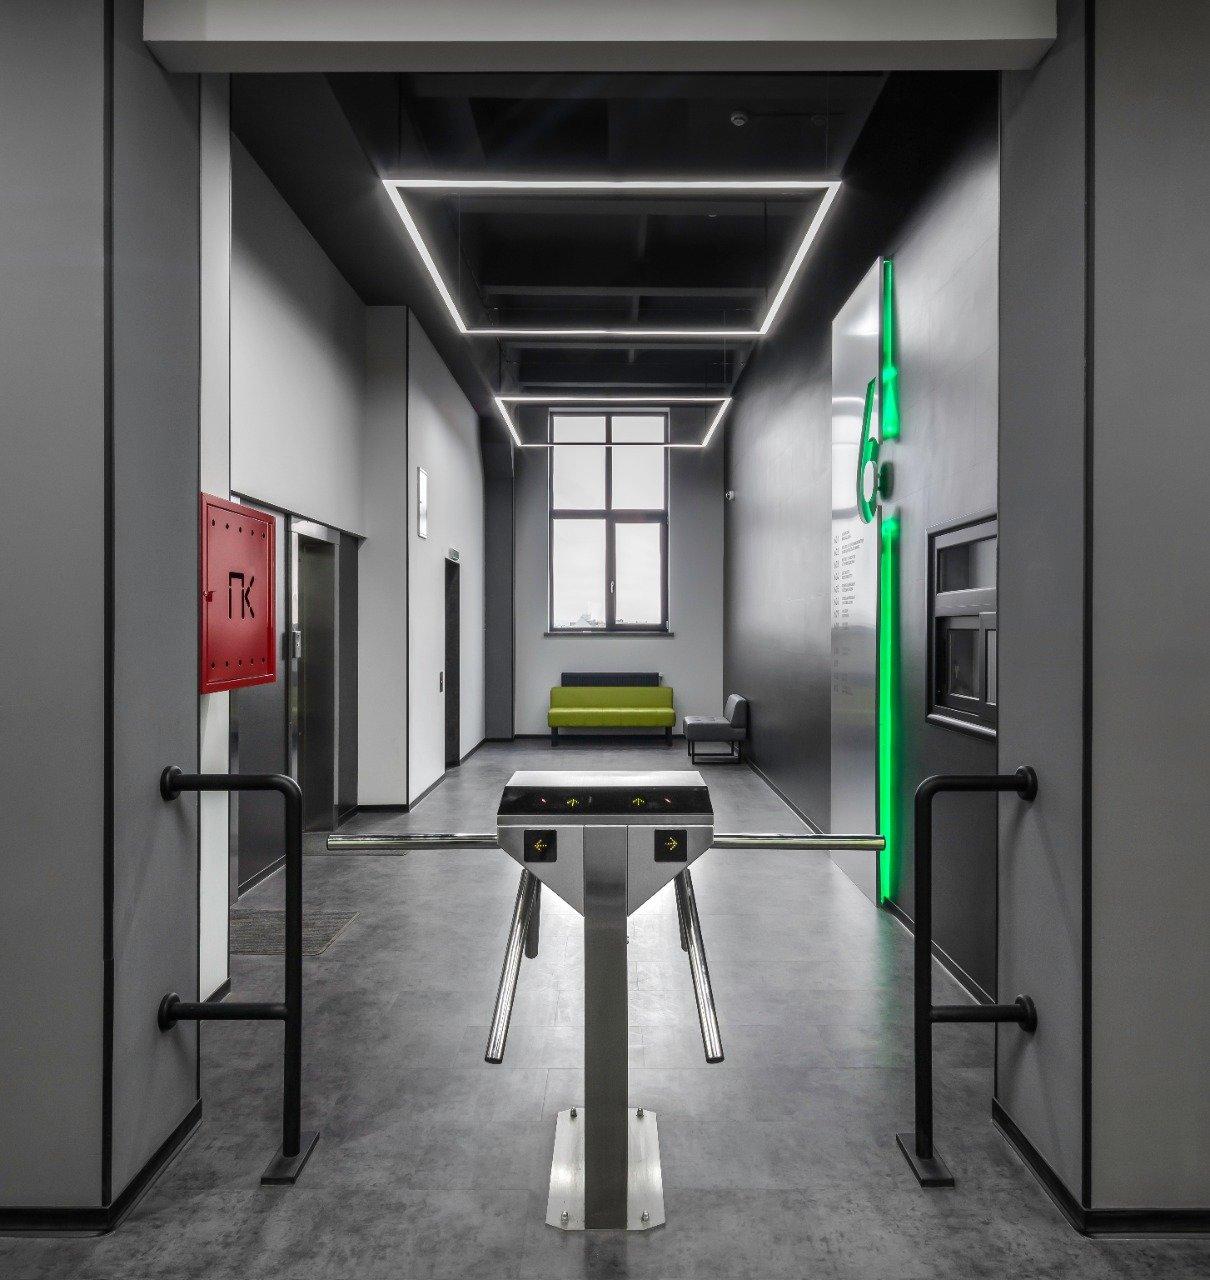 Стильная, яркая и индивидуальная мебель в стиле Loft от компании Lux-m для учебного заведения, фото-8